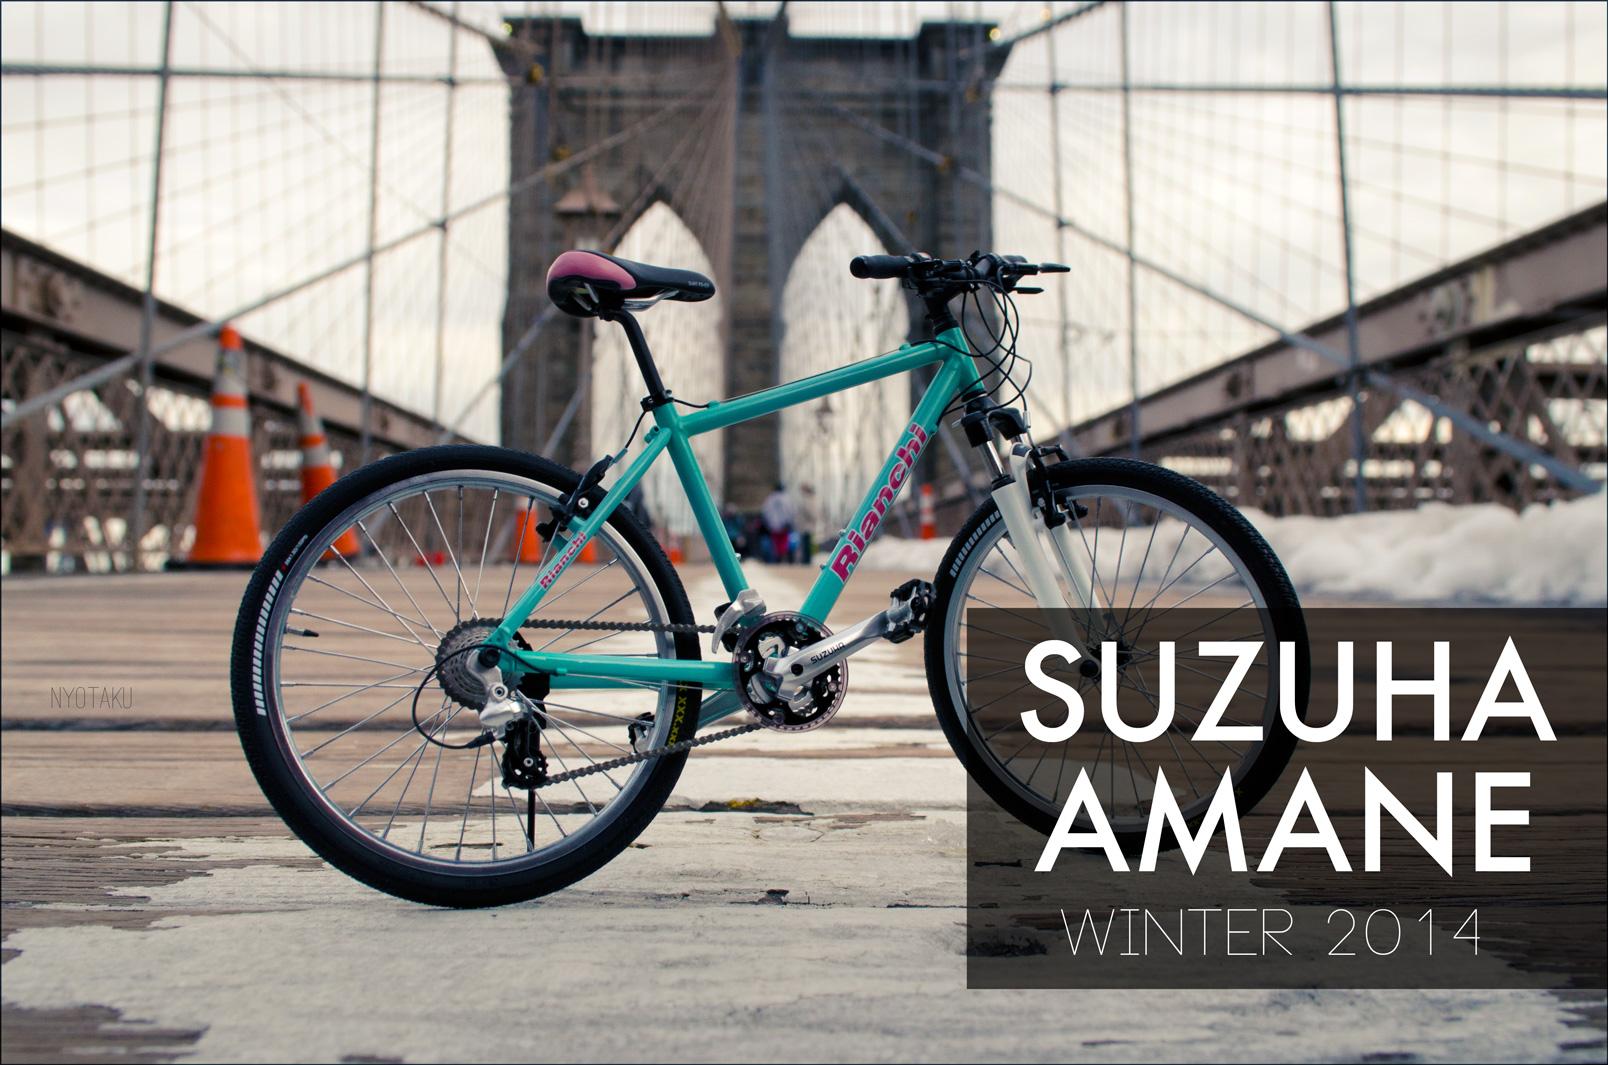 Suzuha Amane : Winter 2014